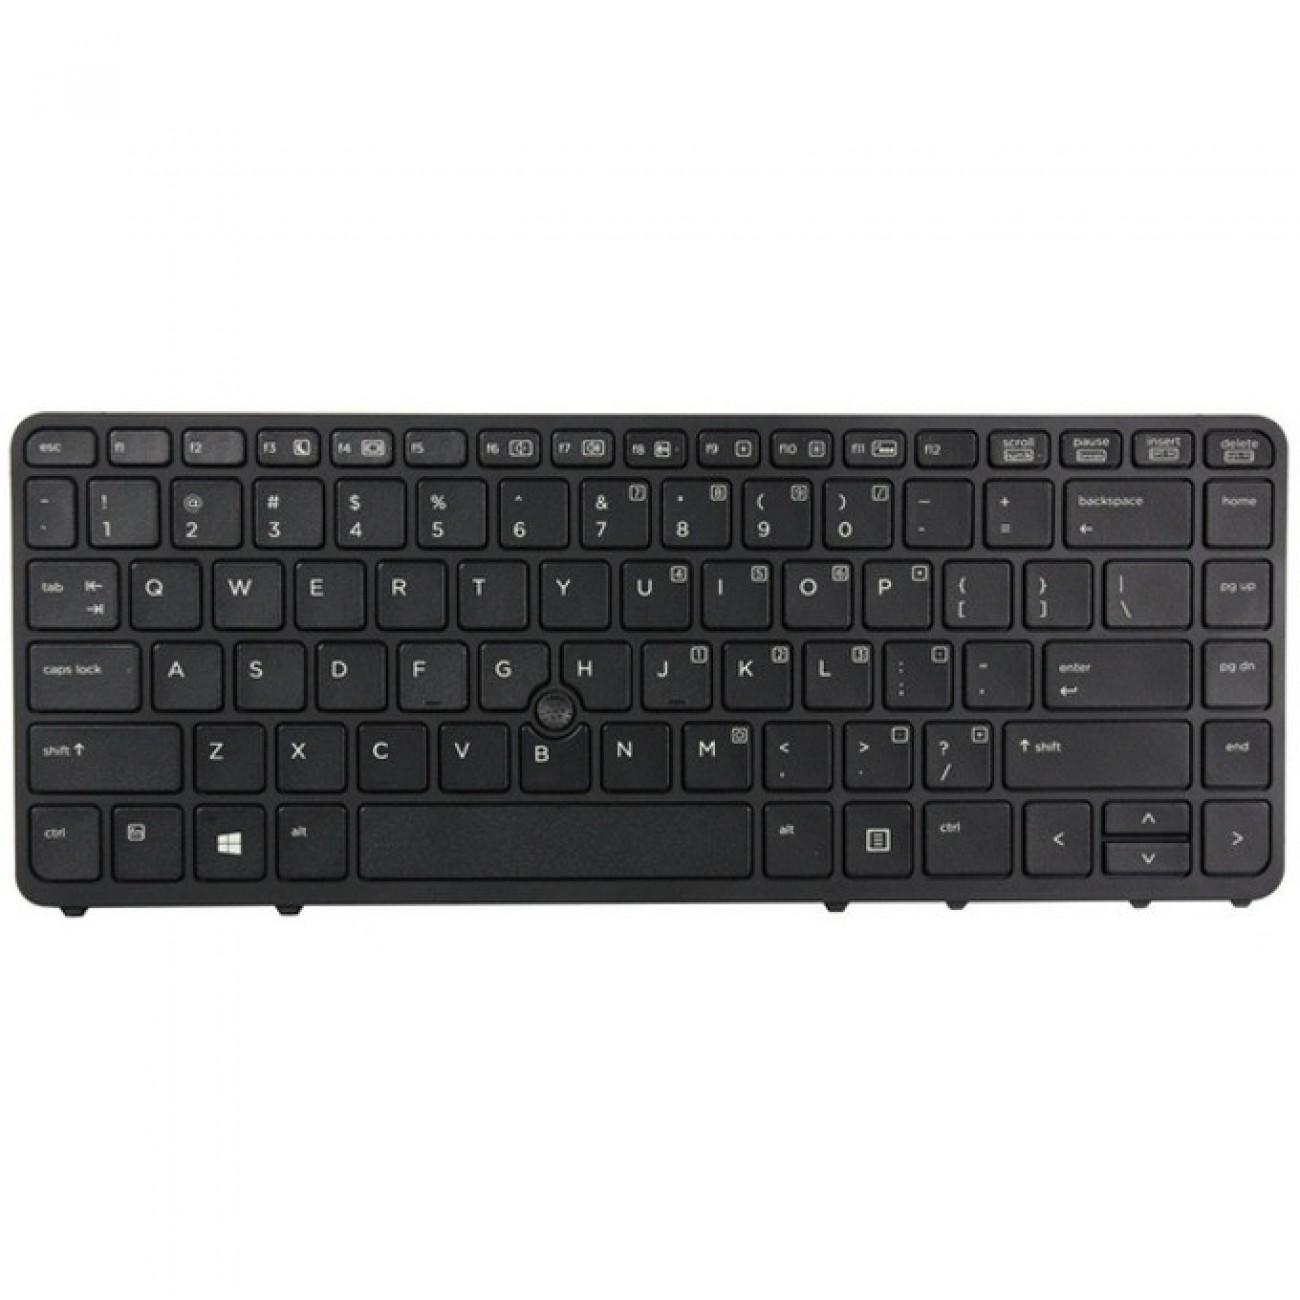 Клавиатура за HP EliteBook 840 G1 850 G1, US, кирилица(бели букви), черна в Резервни части -    Alleop